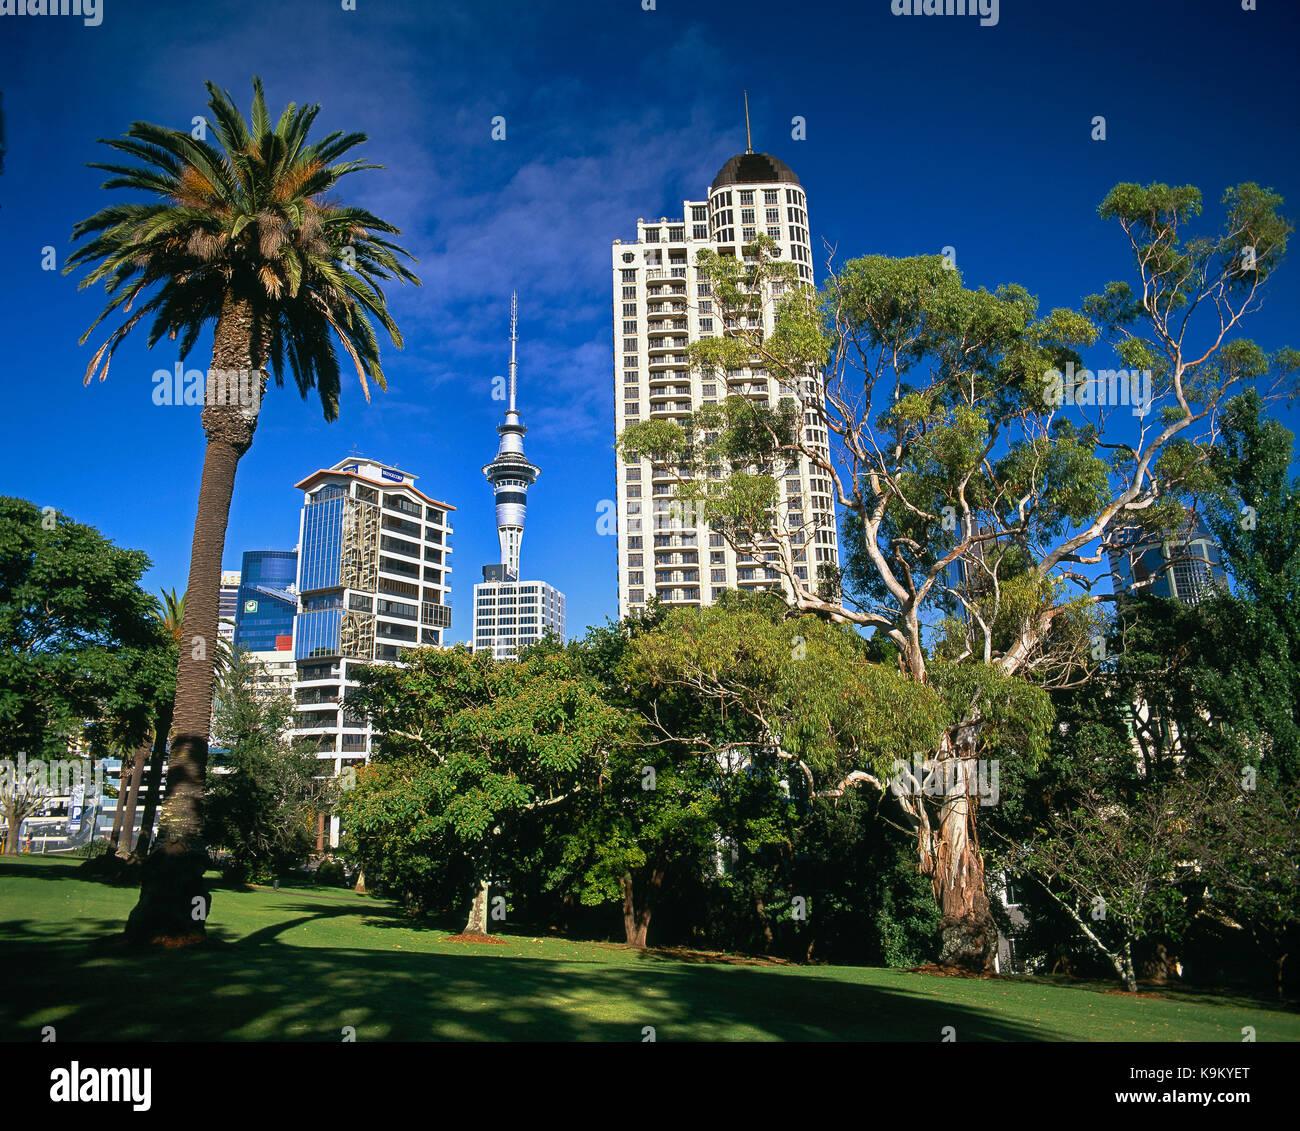 Nueva Zelanda Auckland. Ángulo de visión baja de los edificios de la ciudad desde el parque Myers. Imagen De Stock